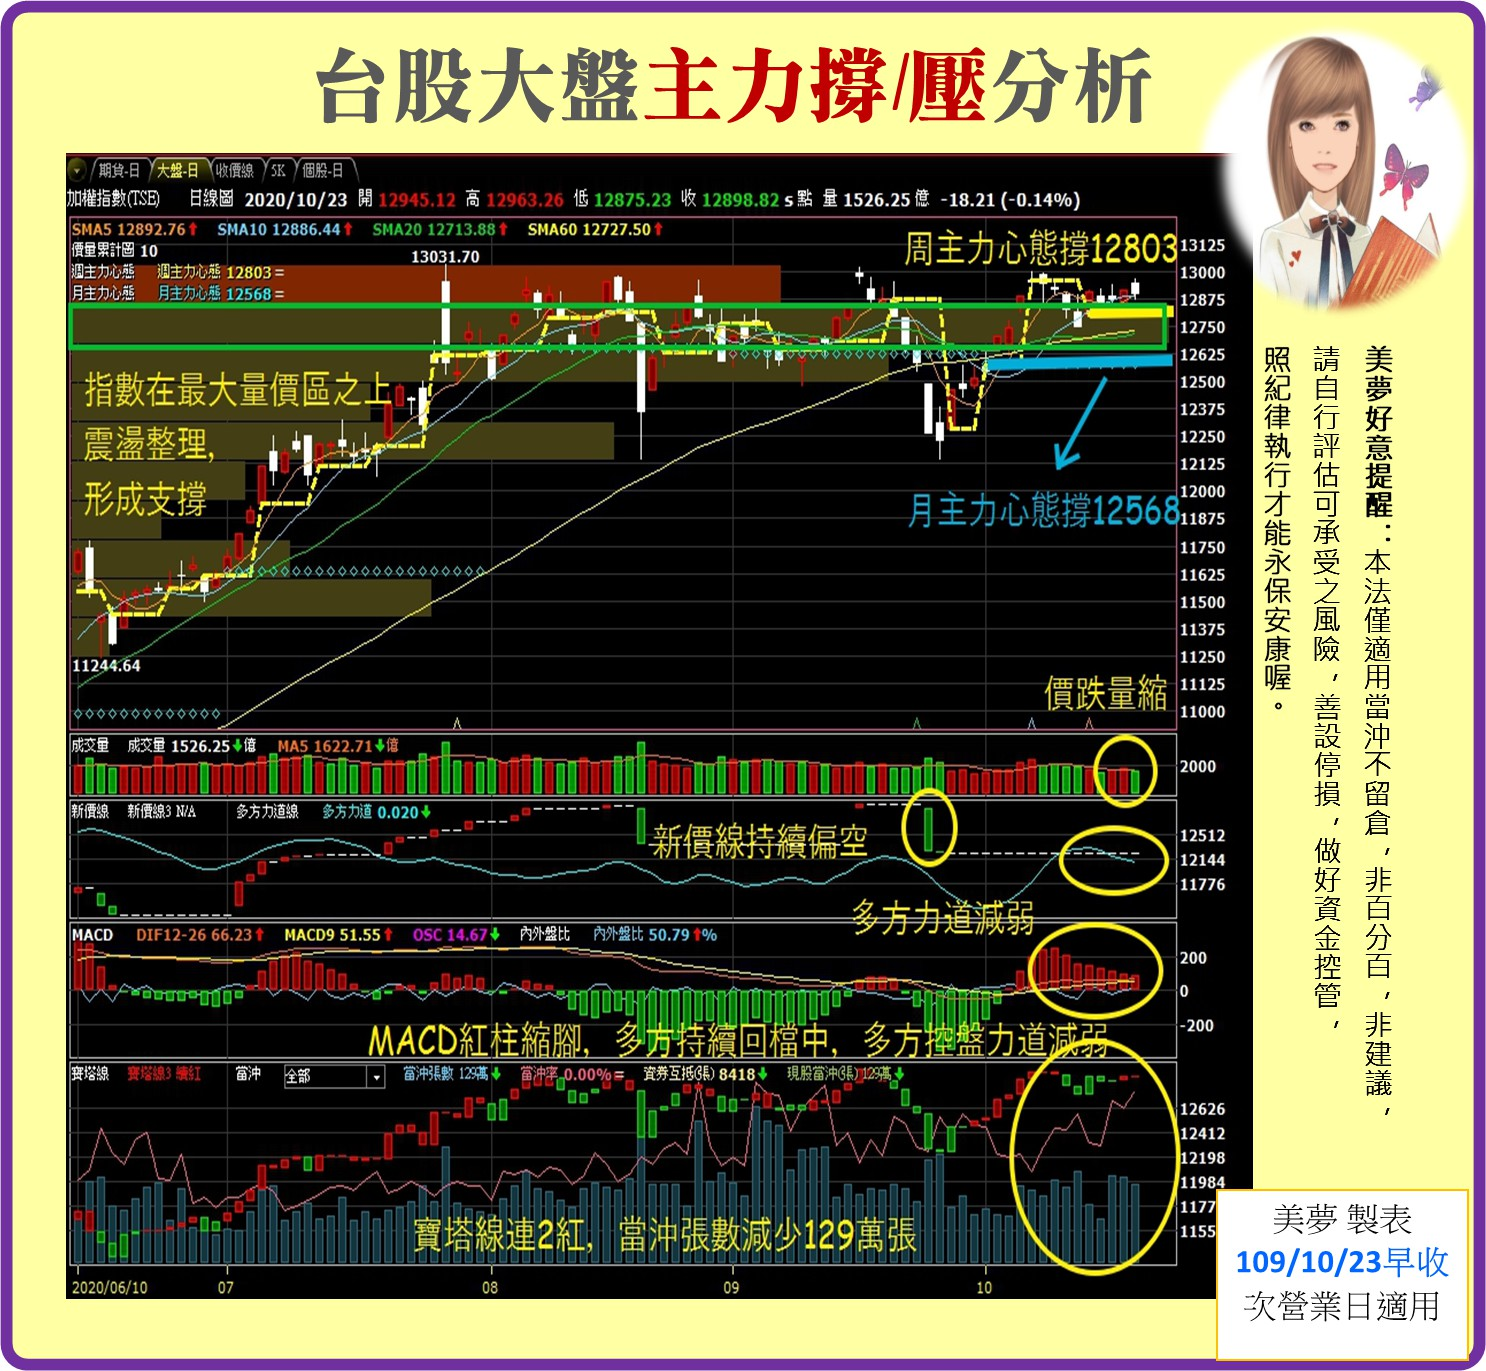 1091026美夢冠軍-股市+雙11+零股交易+11/1分享會訊息_06